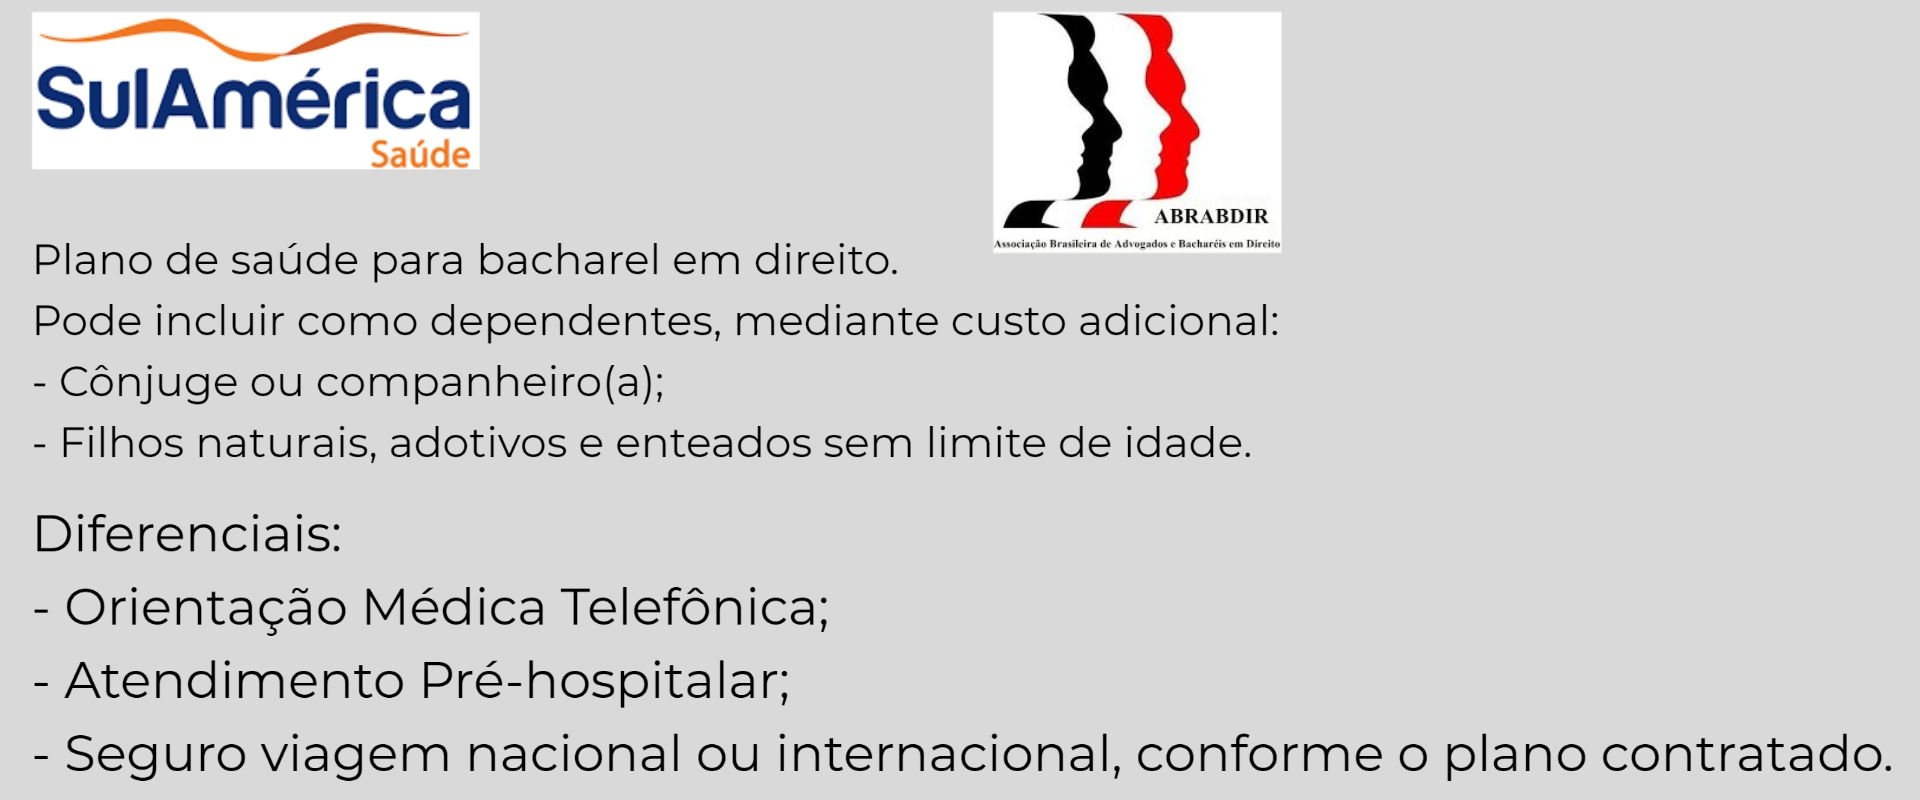 Sul América ABRABDIR-RJ